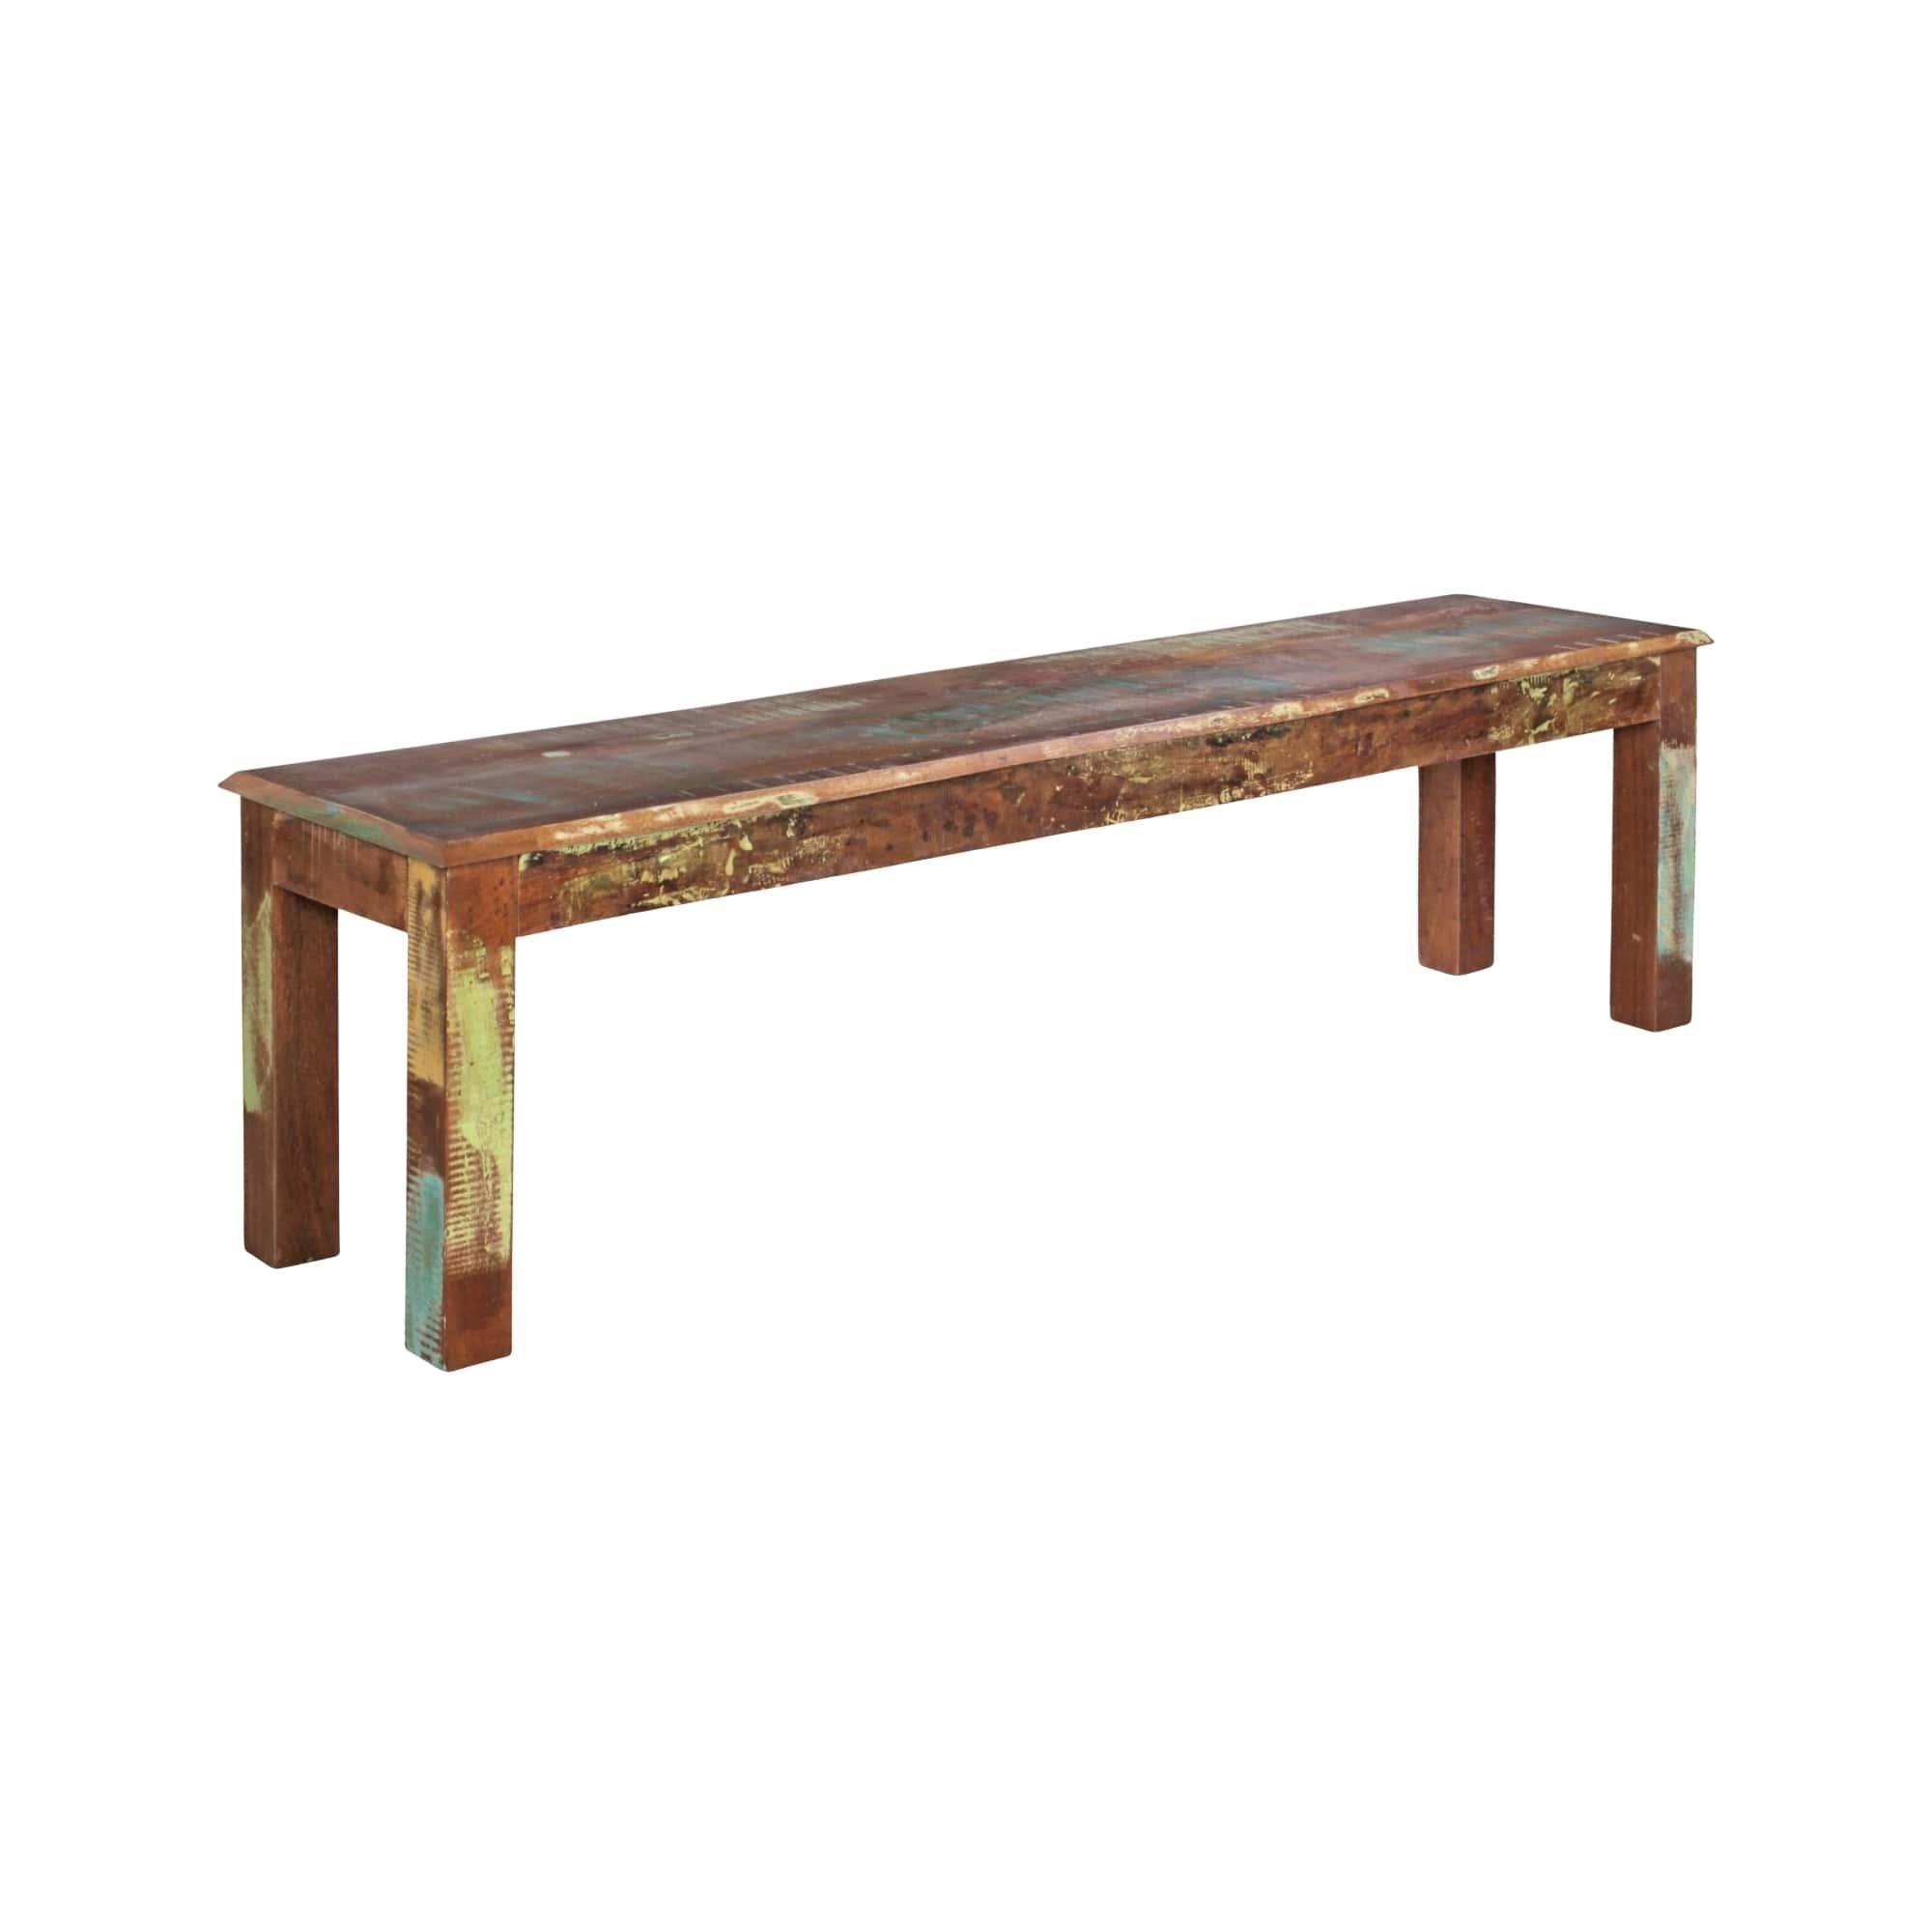 Jídelní lavice z recyklovaného dřeva Kalkutta, 160 cm, mango